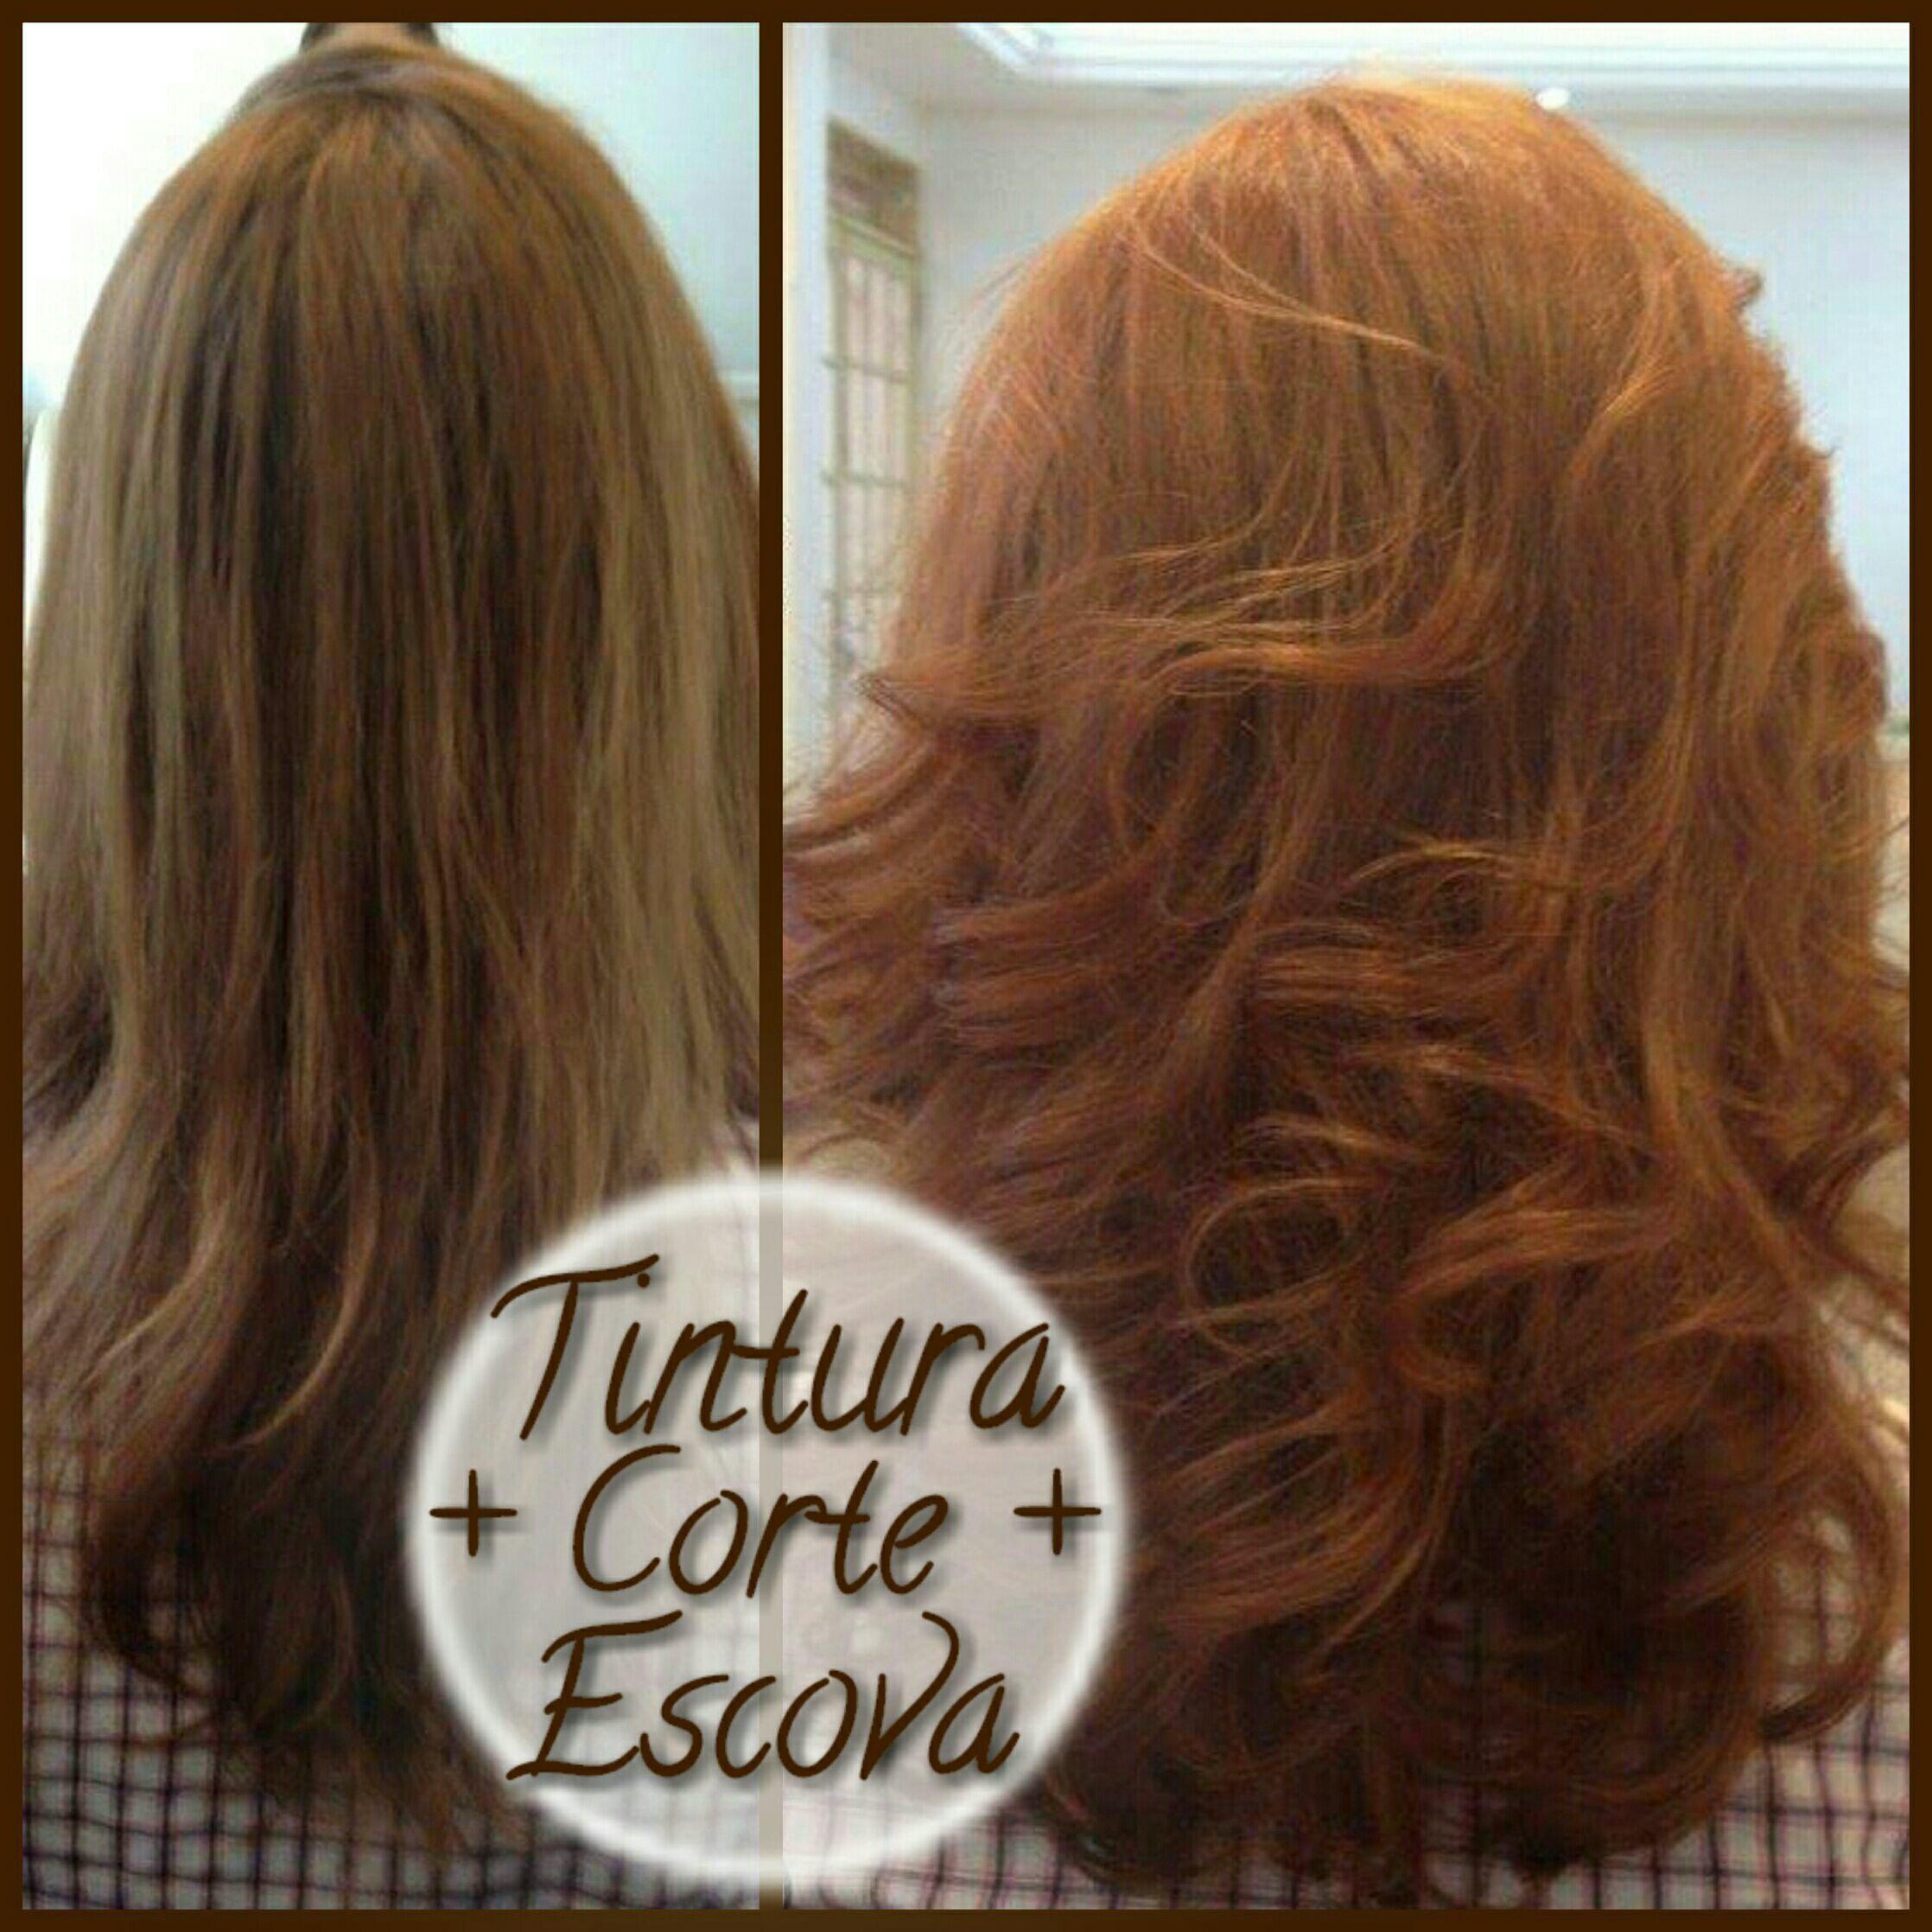 Tintura com Keune, Corte repicado simétrico, e escova modelada. cabelo cabeleireiro(a) stylist / visagista